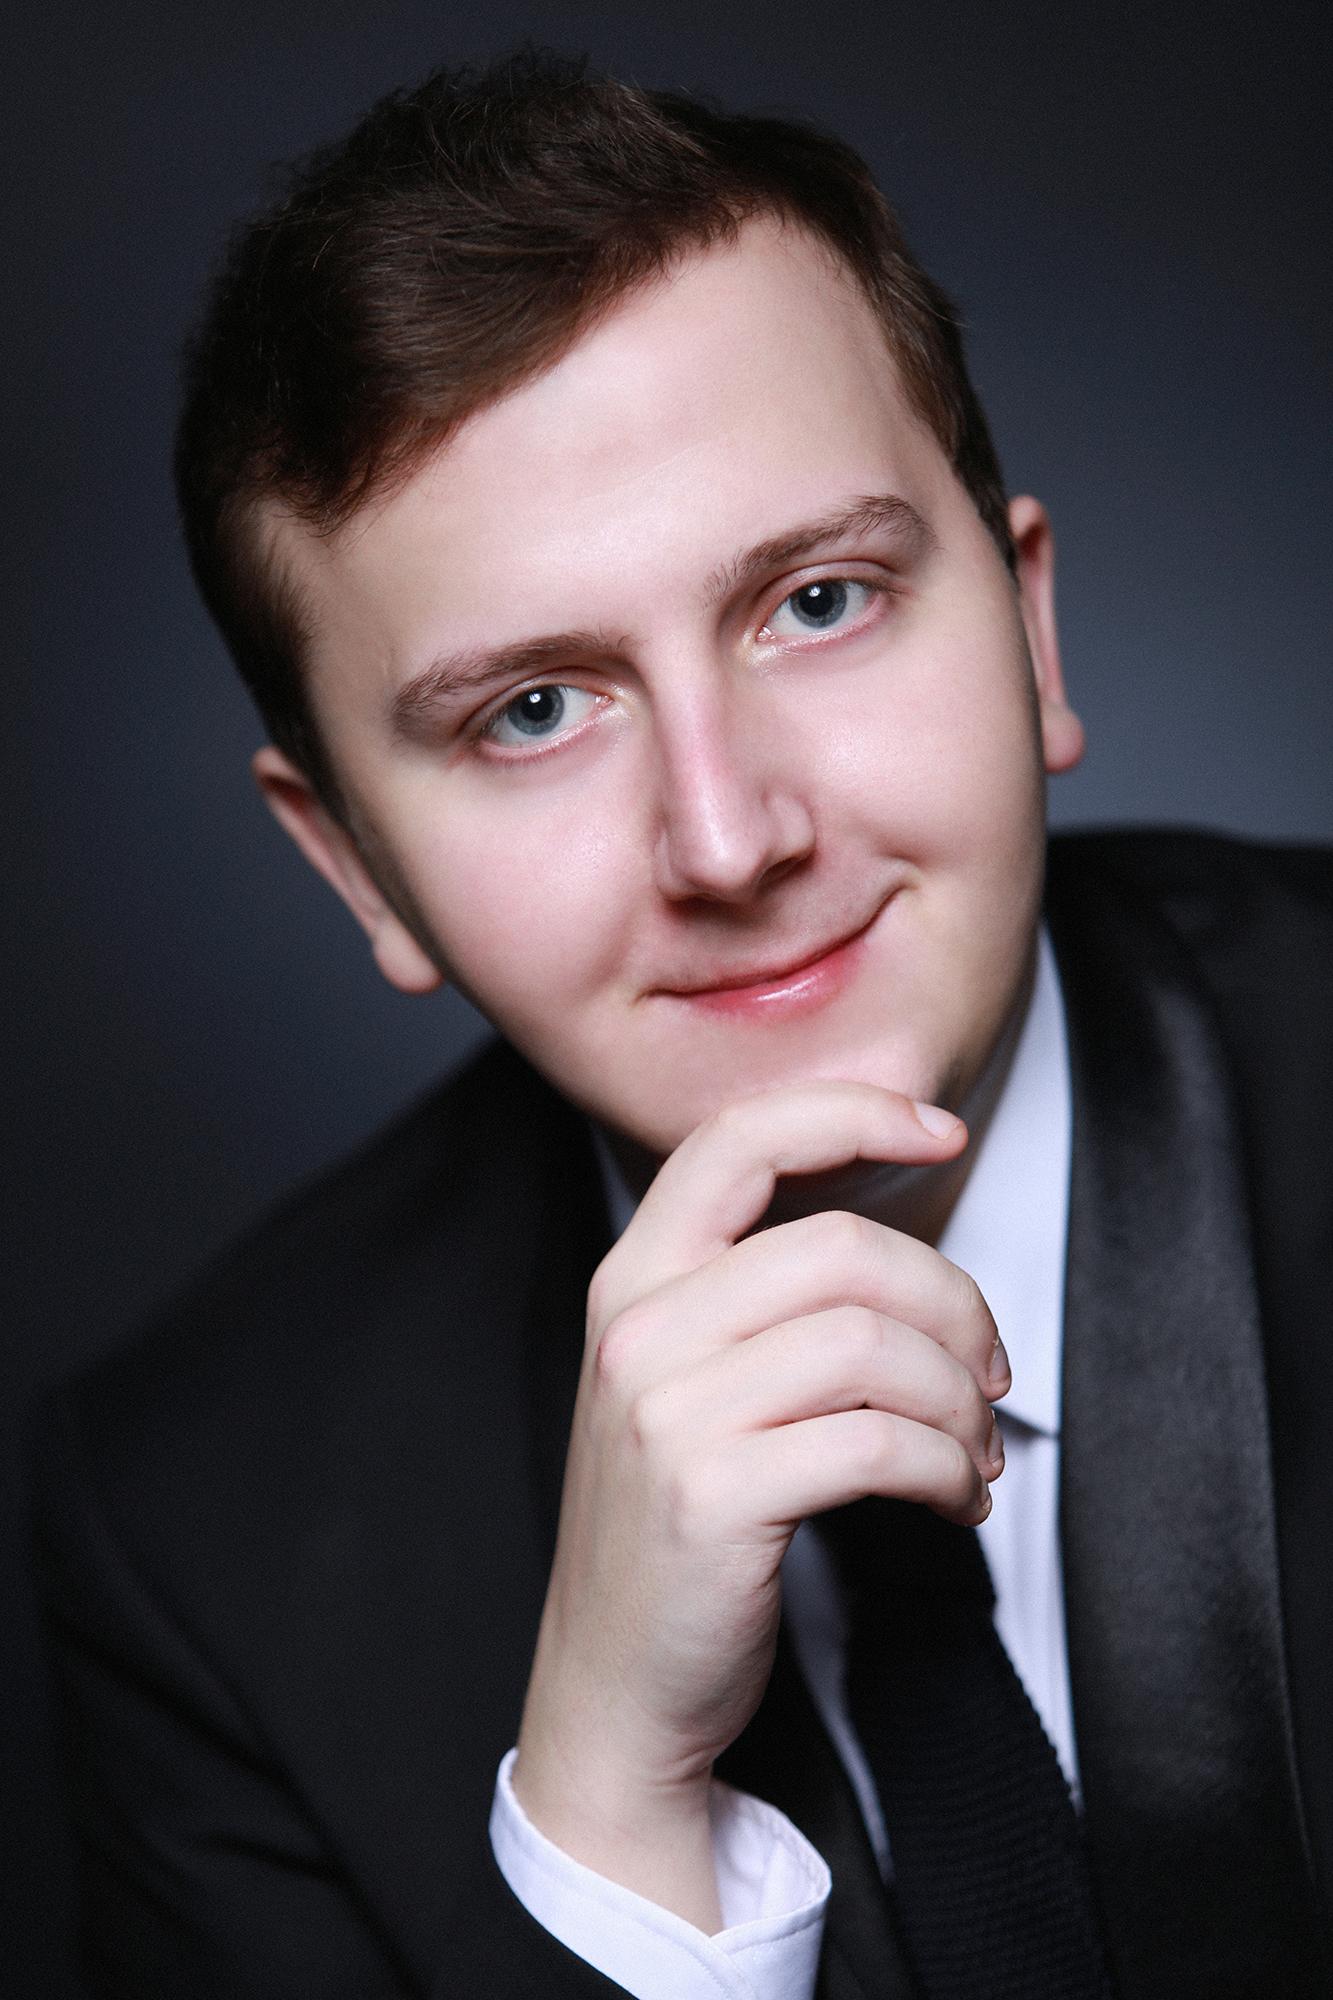 Andrei Tcymbalistnko